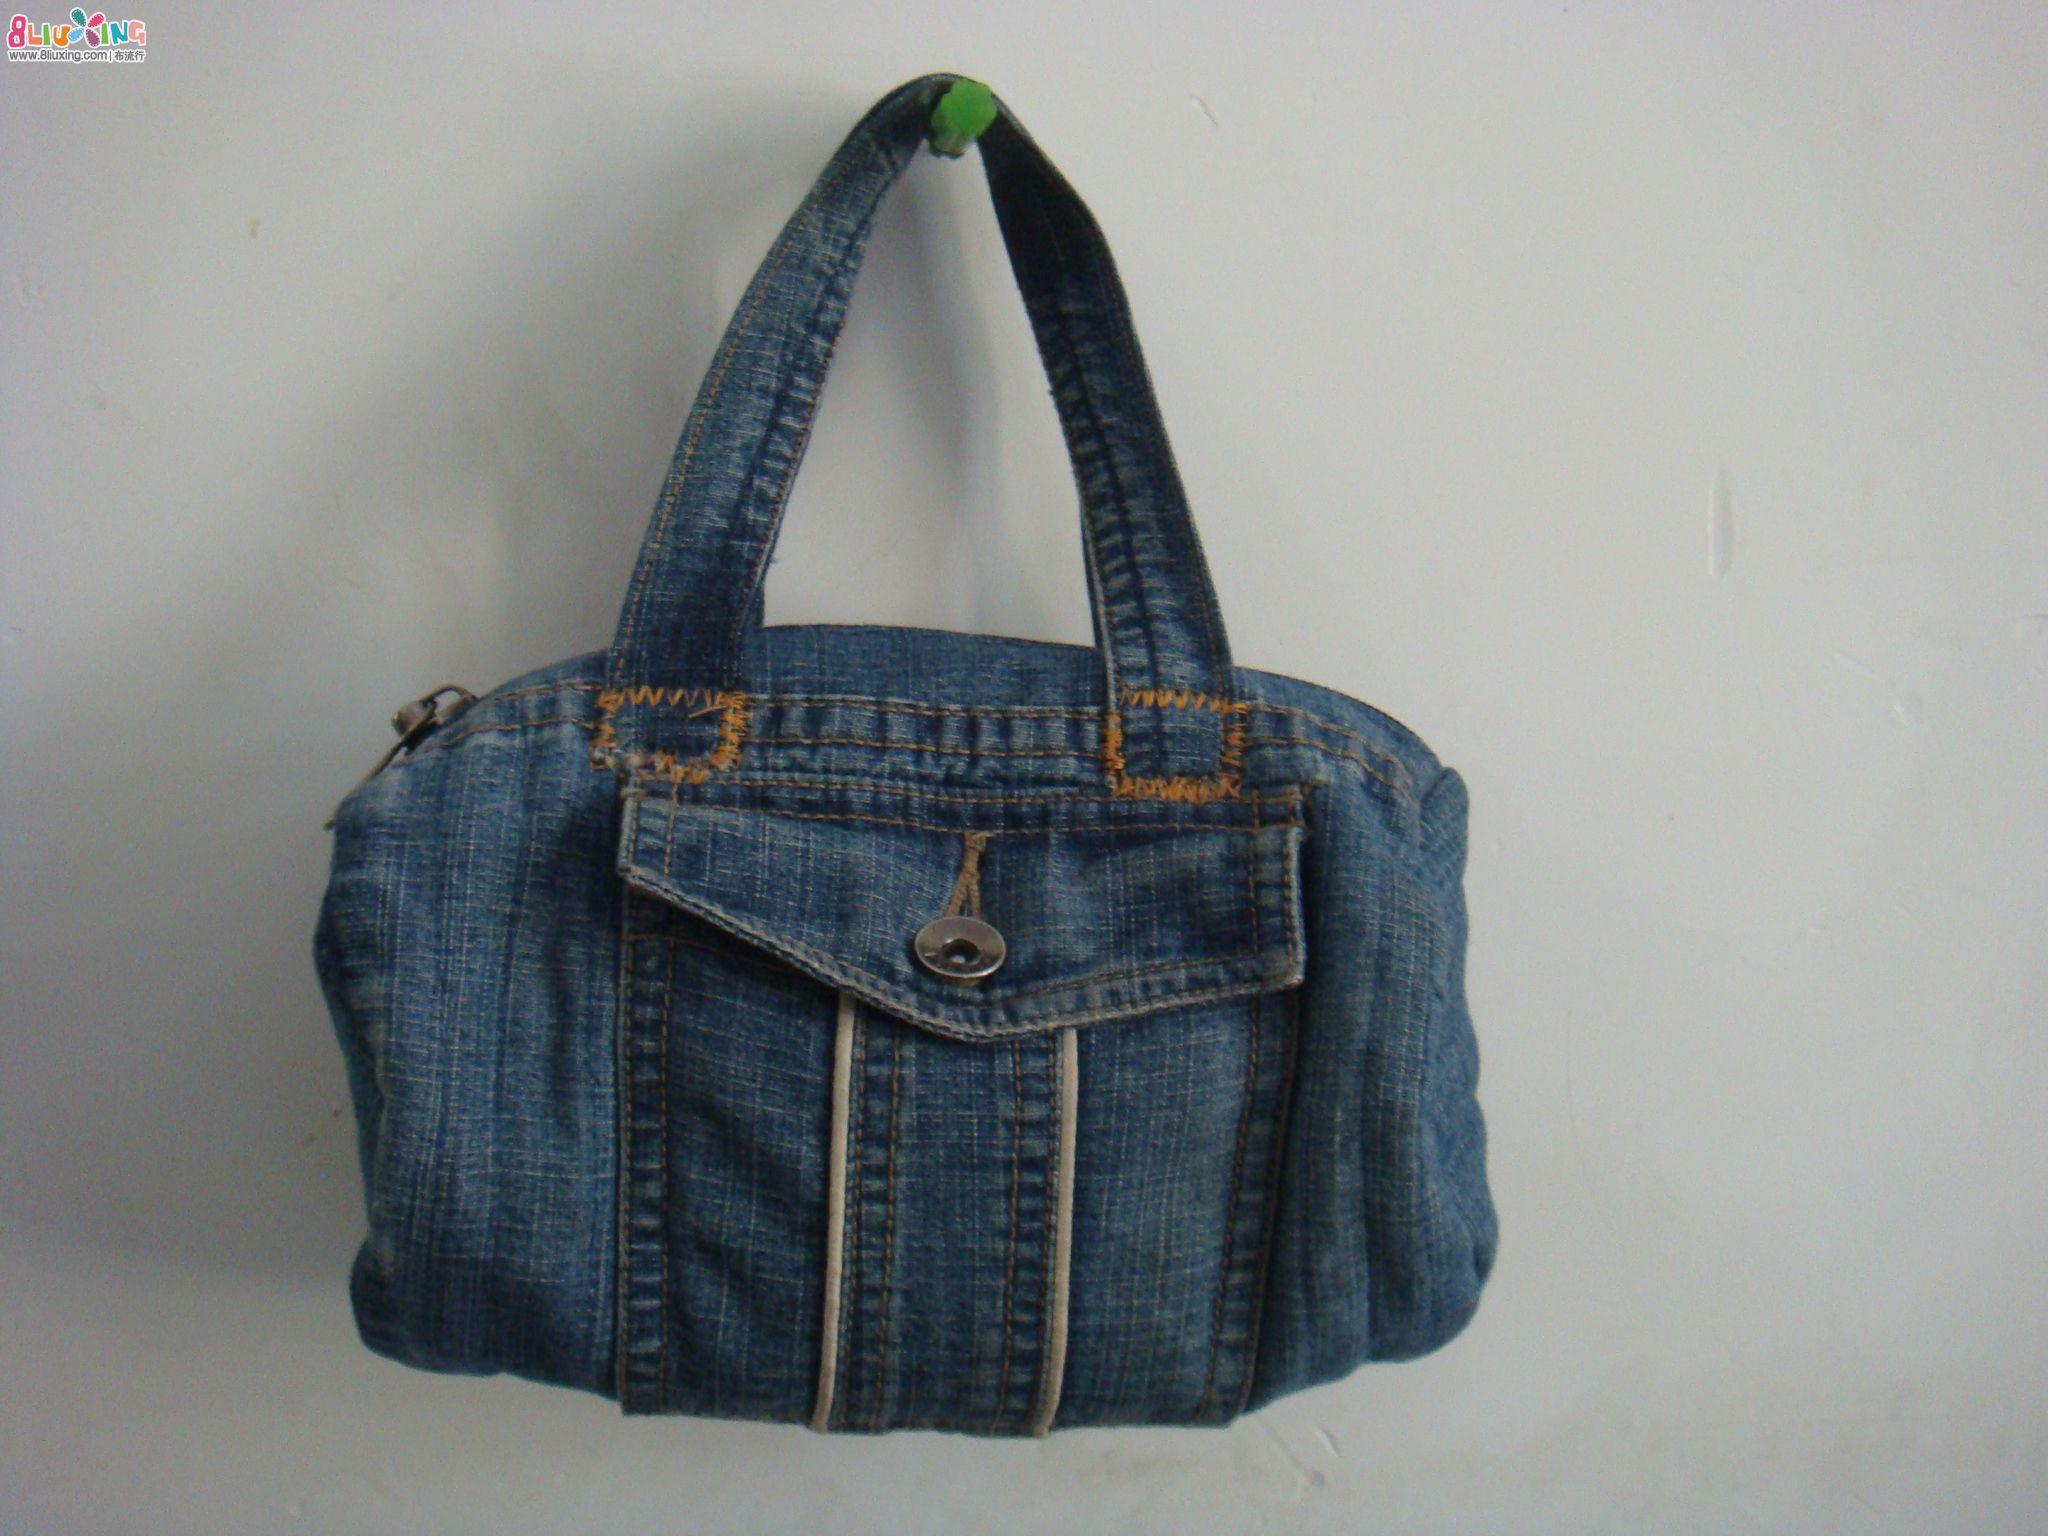 布艺手提包手工制作方法